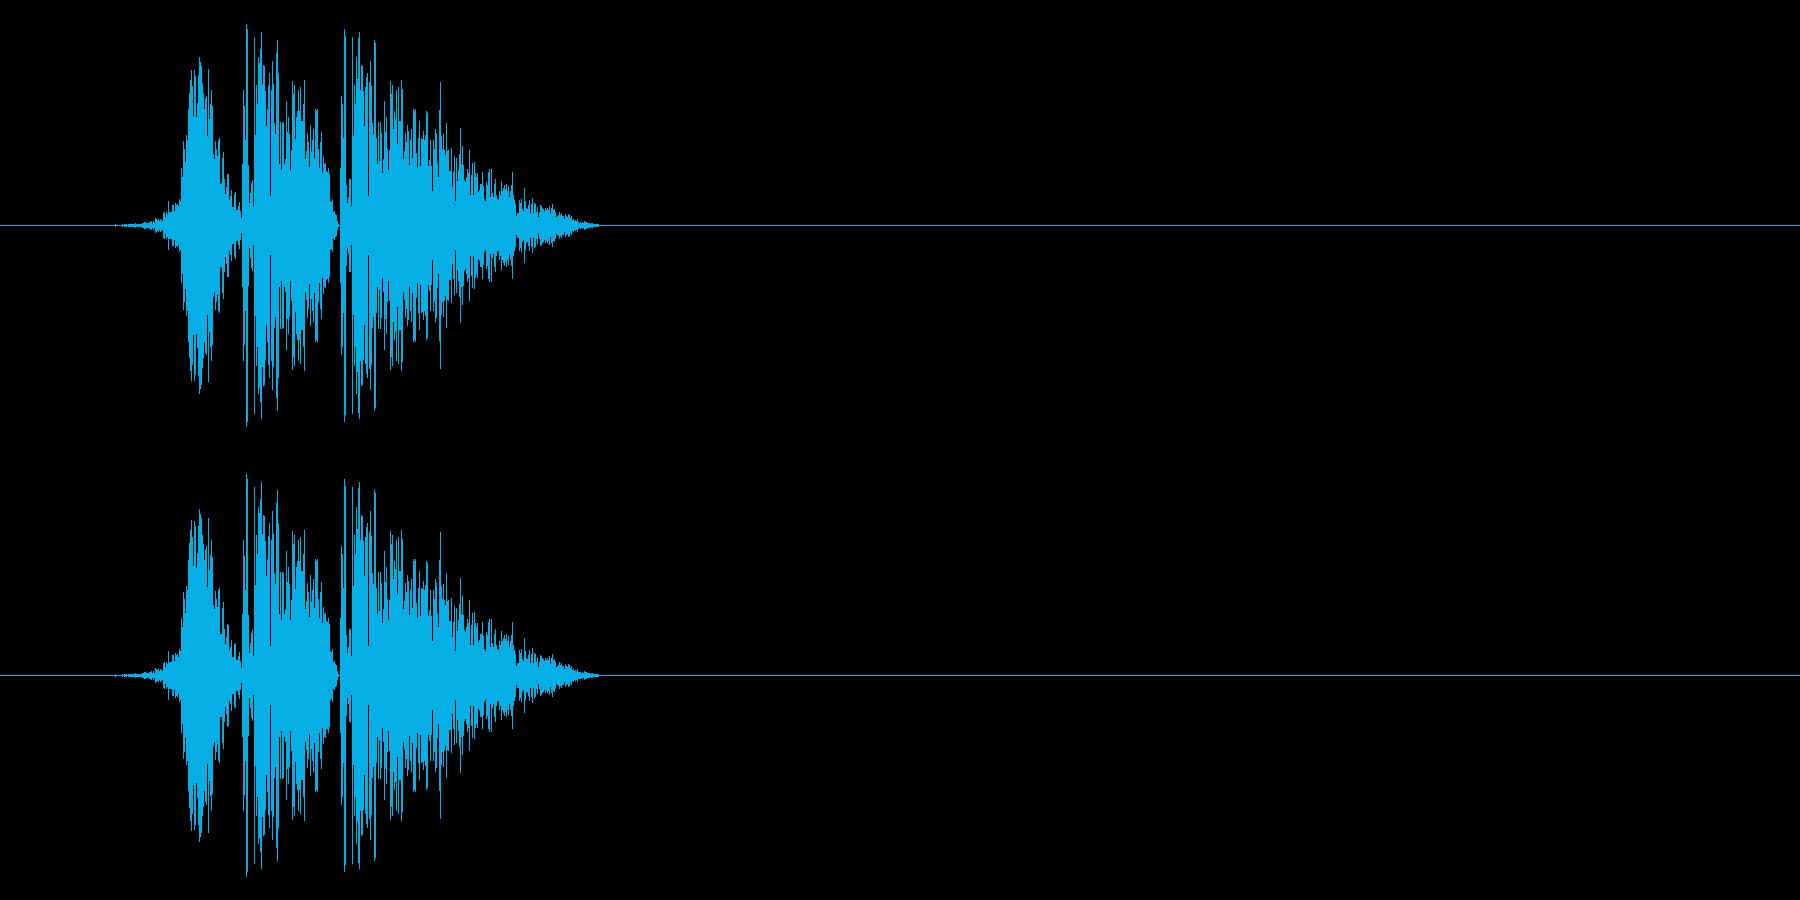 打撃08-4の再生済みの波形